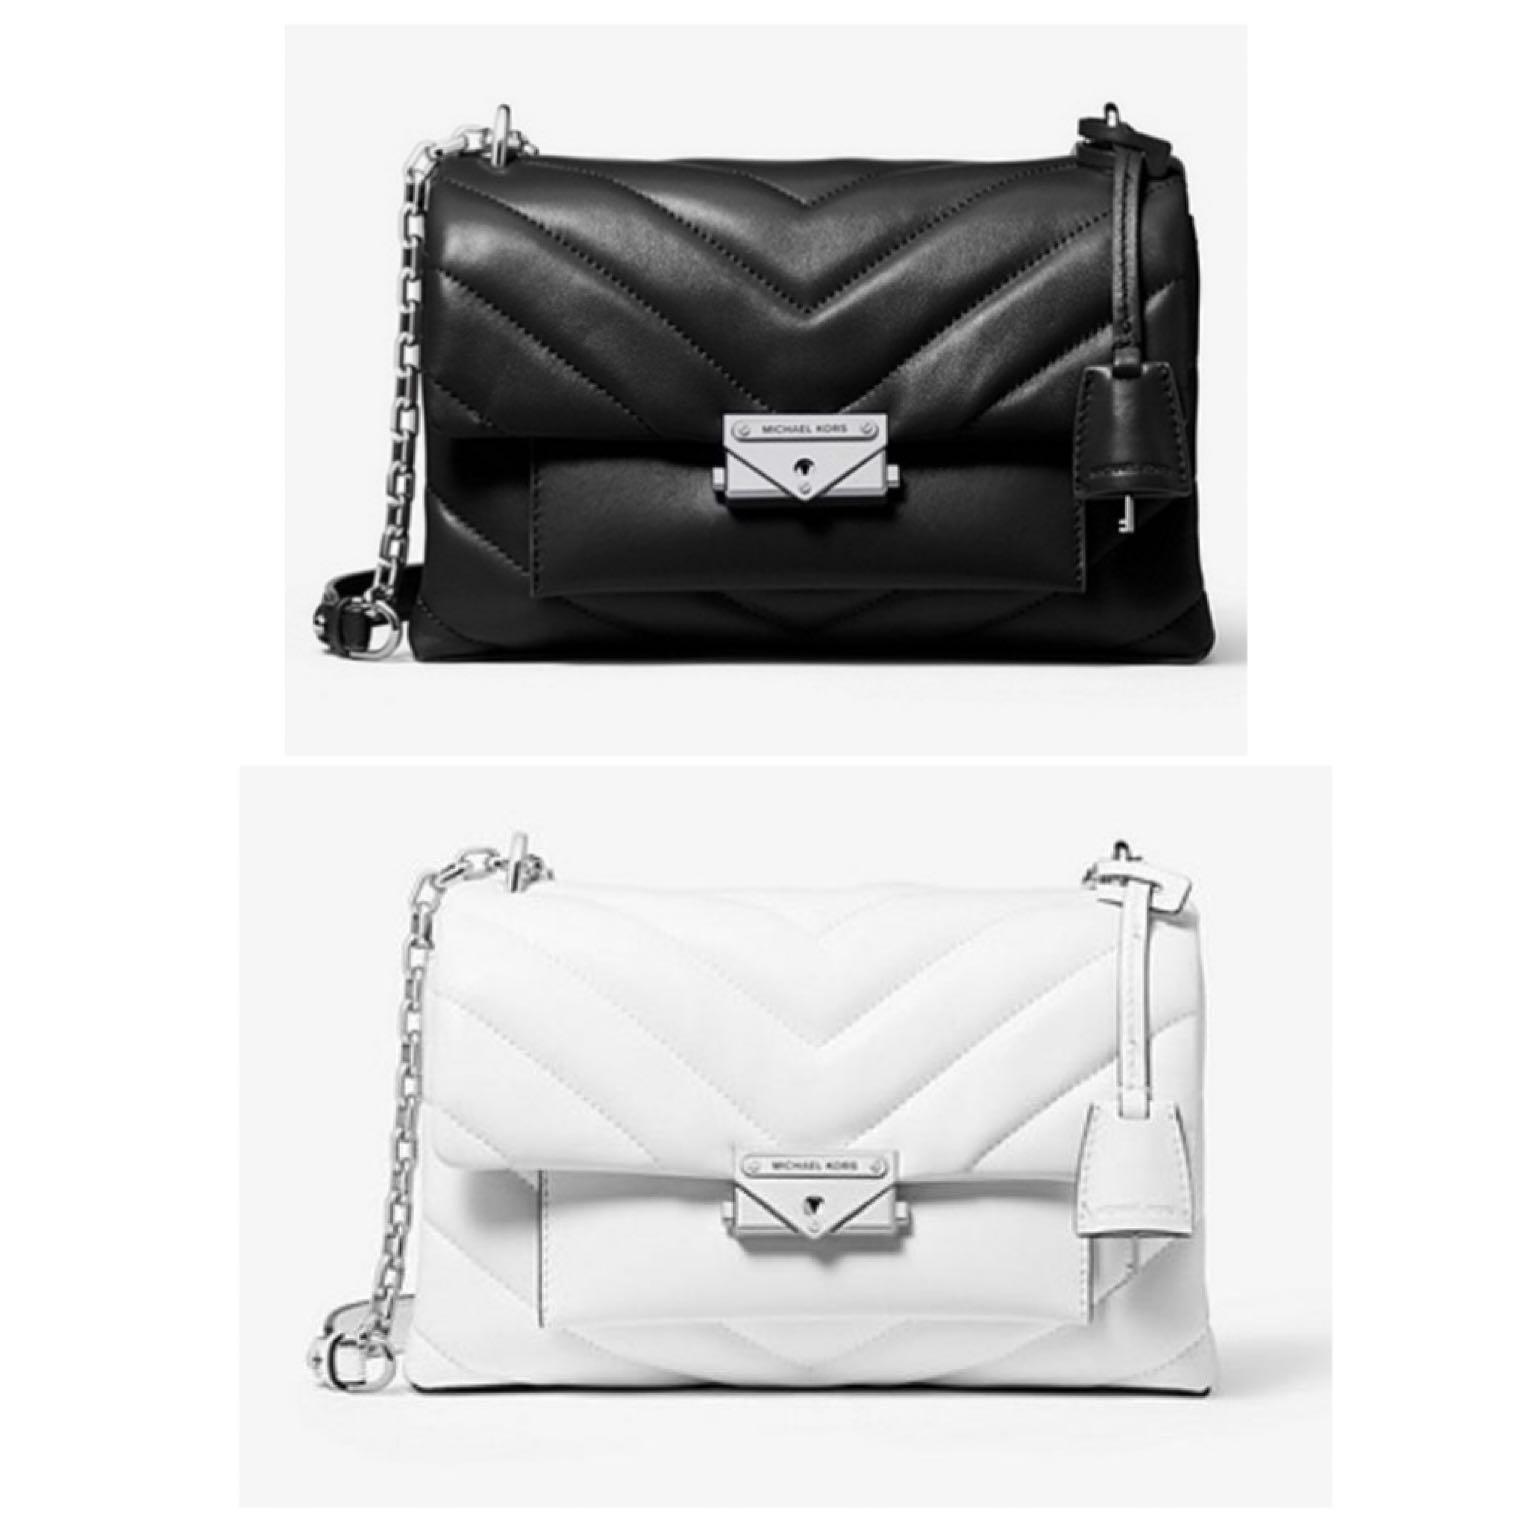 專櫃Michael kors CECE 銀鍊小羊皮縫衍鍊包黑色,白色, 寬24*16*厚10cm, 名牌精品, 精品包包在旋轉拍賣